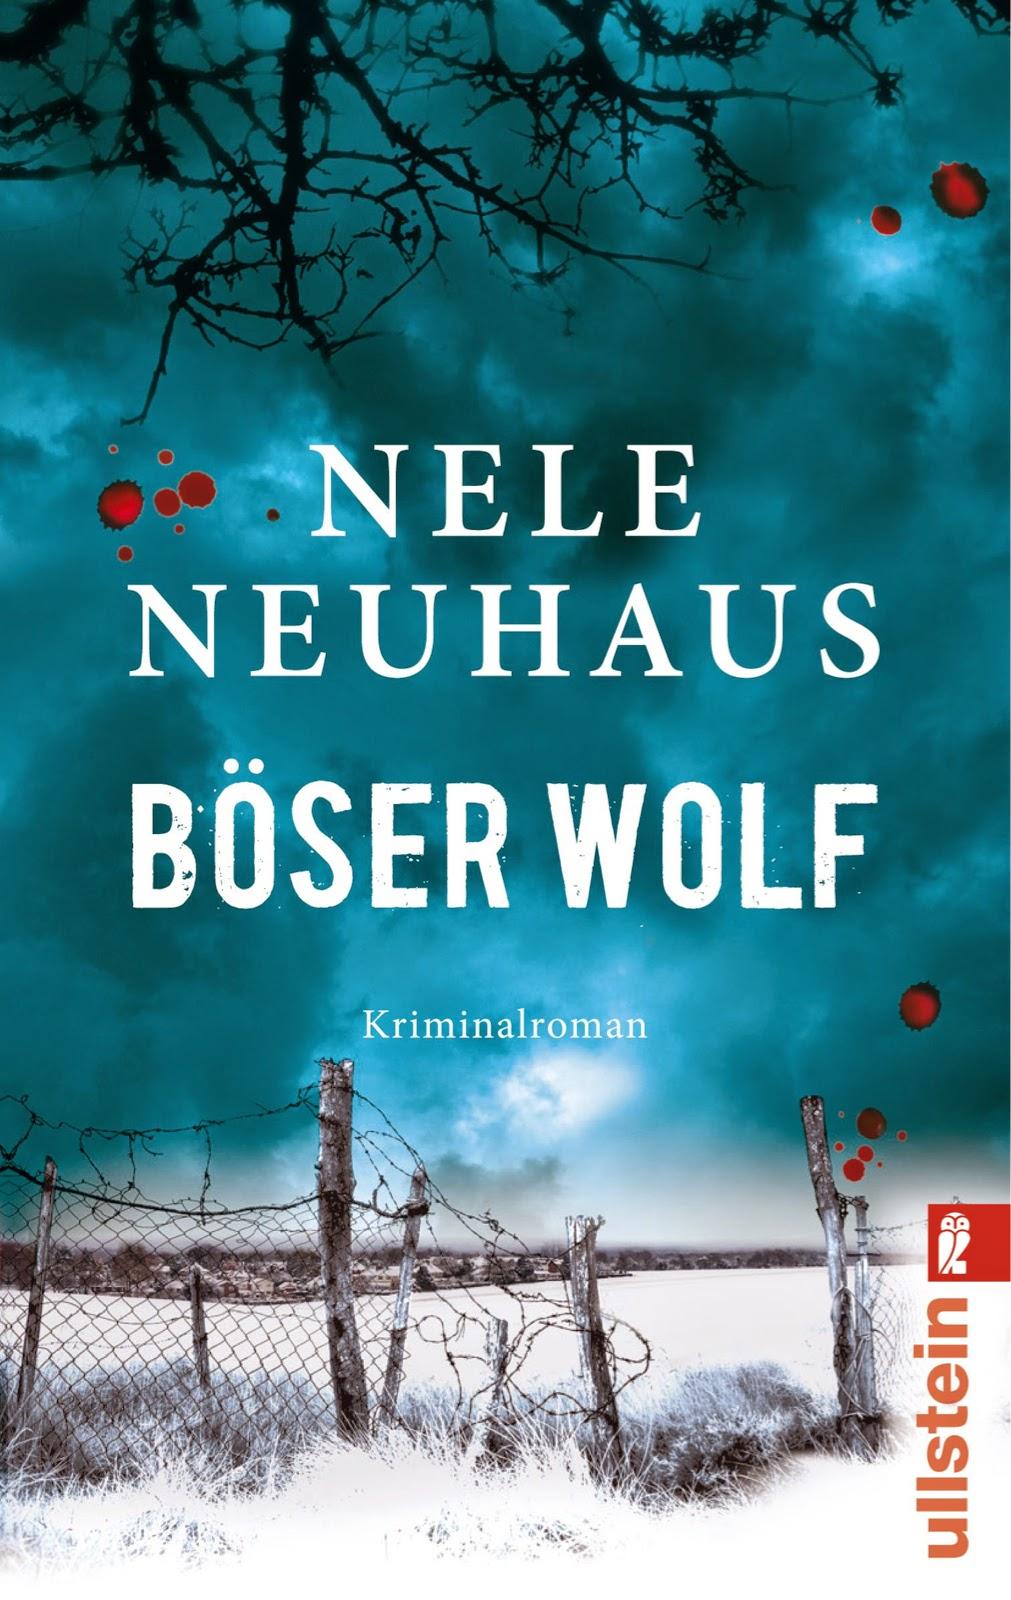 http://lasszeilensprechen.blogspot.com/2015/04/boser-wolf-nele-neuhaus.html